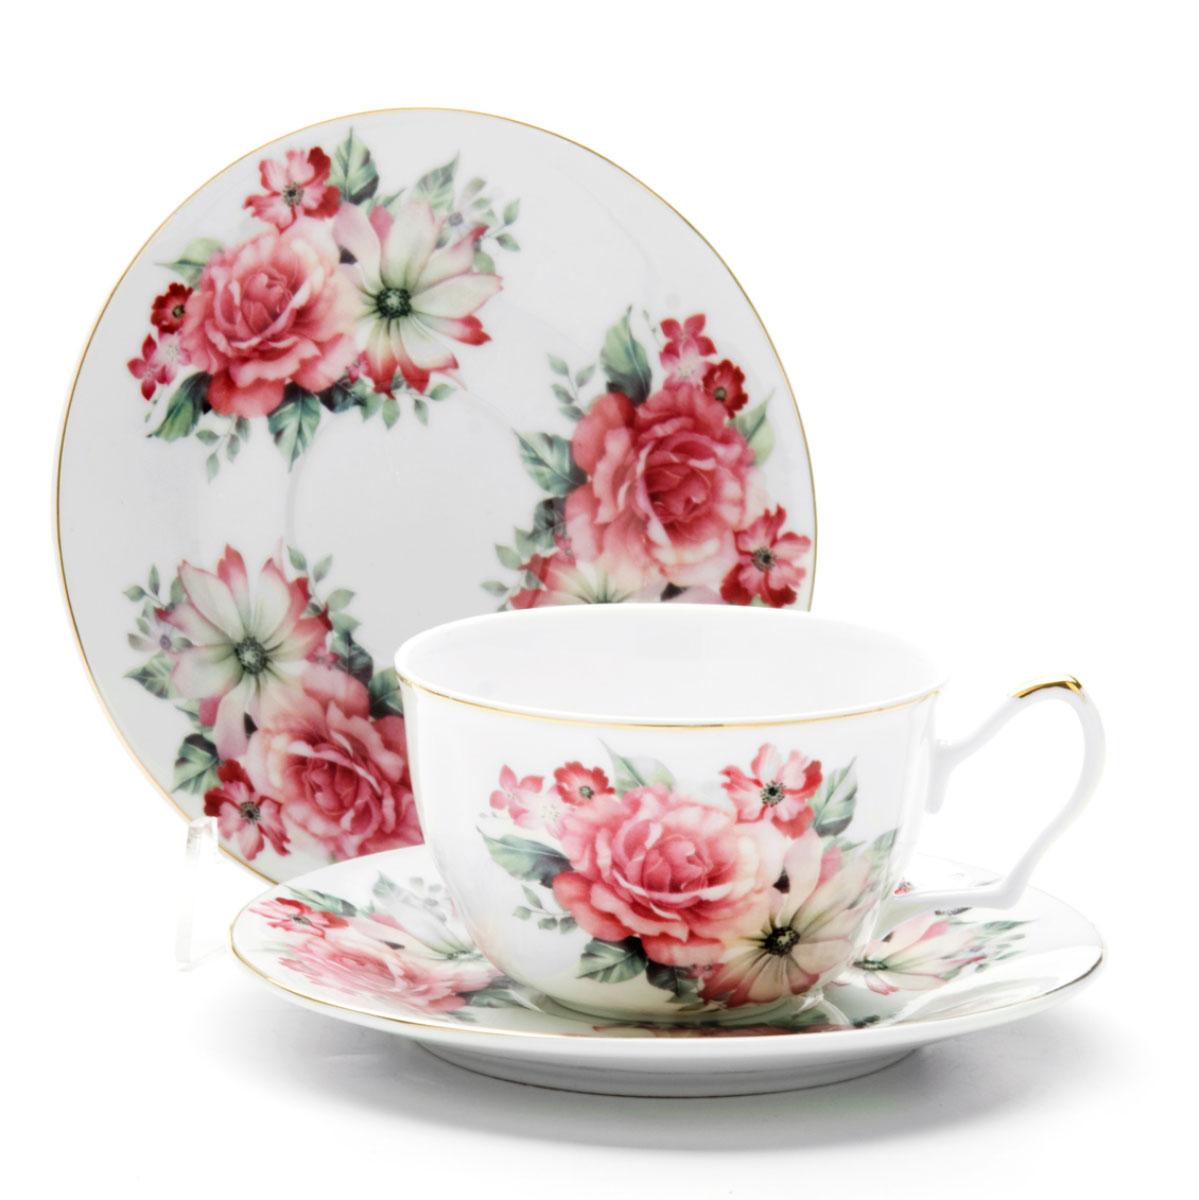 Чайная пара Loraine Розы, 250 мл, 4 предмета. 2459424594Этот чайный набор, выполненный из керамики, состоит из двух чашек и двух блюдец. Предметы набора оформлены ярким изображением цветов. Изящный дизайн и красочность оформления придутся по вкусу и ценителям классики, и тем, кто предпочитает утонченность и изысканность. Чайный набор - идеальный и необходимый подарок для вашего дома и для ваших друзей в праздники, юбилеи и торжества! Он также станет отличным корпоративным подарком и украшением любой кухни. Чайный набор упакован в подарочную коробку из плотного цветного картона. Внутренняя часть коробки задрапирована белым атласом.